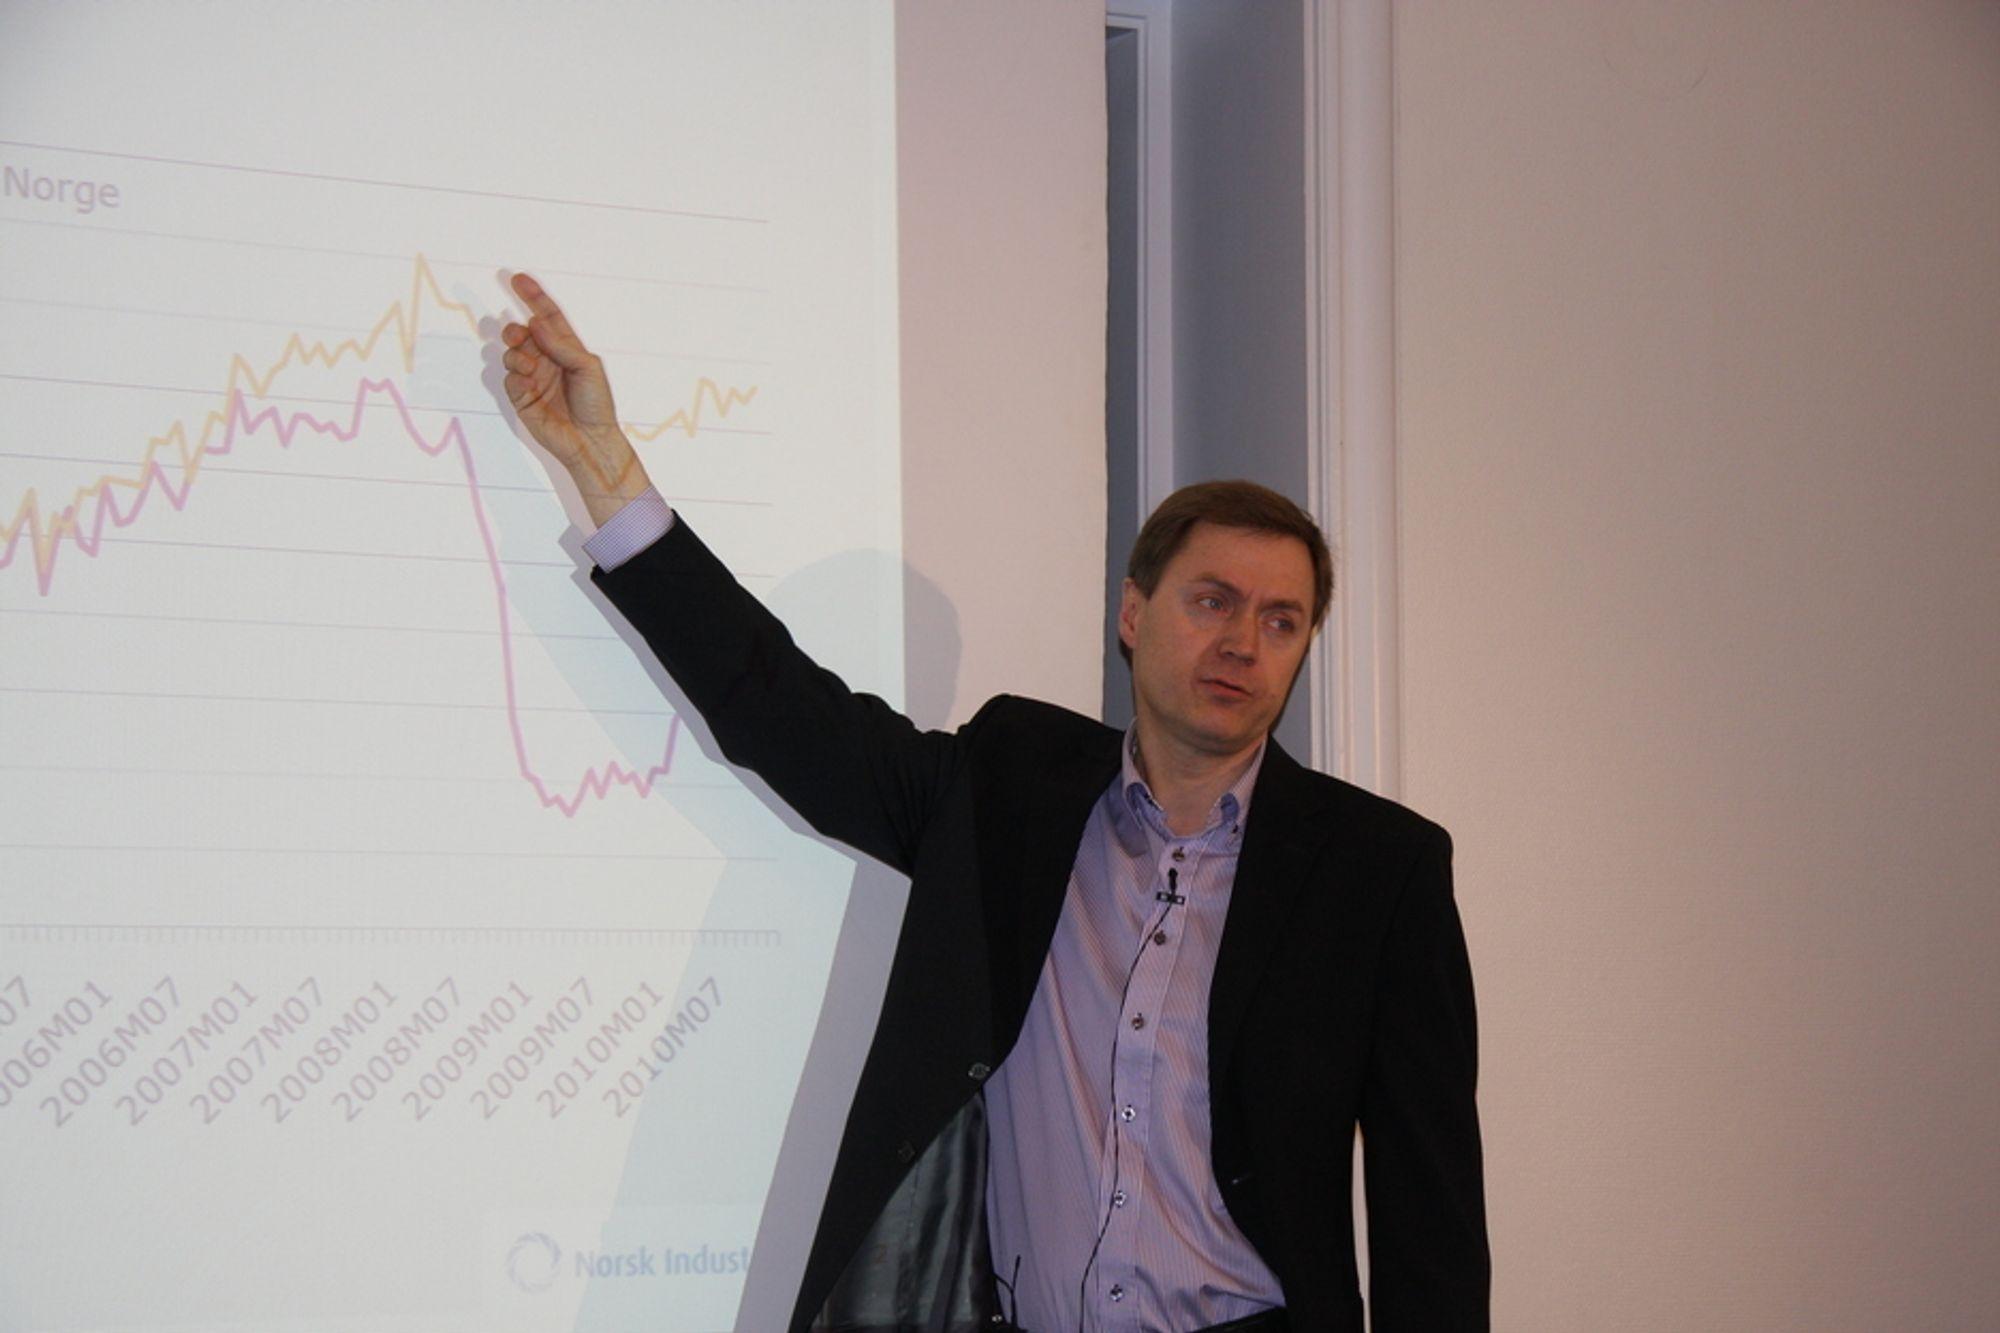 IKKE NOK: Direktør Knut SUnde i Norsk Industri mener at regjringen må fortsette å stramme inn på pengebruken for å sikre lav kronekurs og norsk eksportindustri.